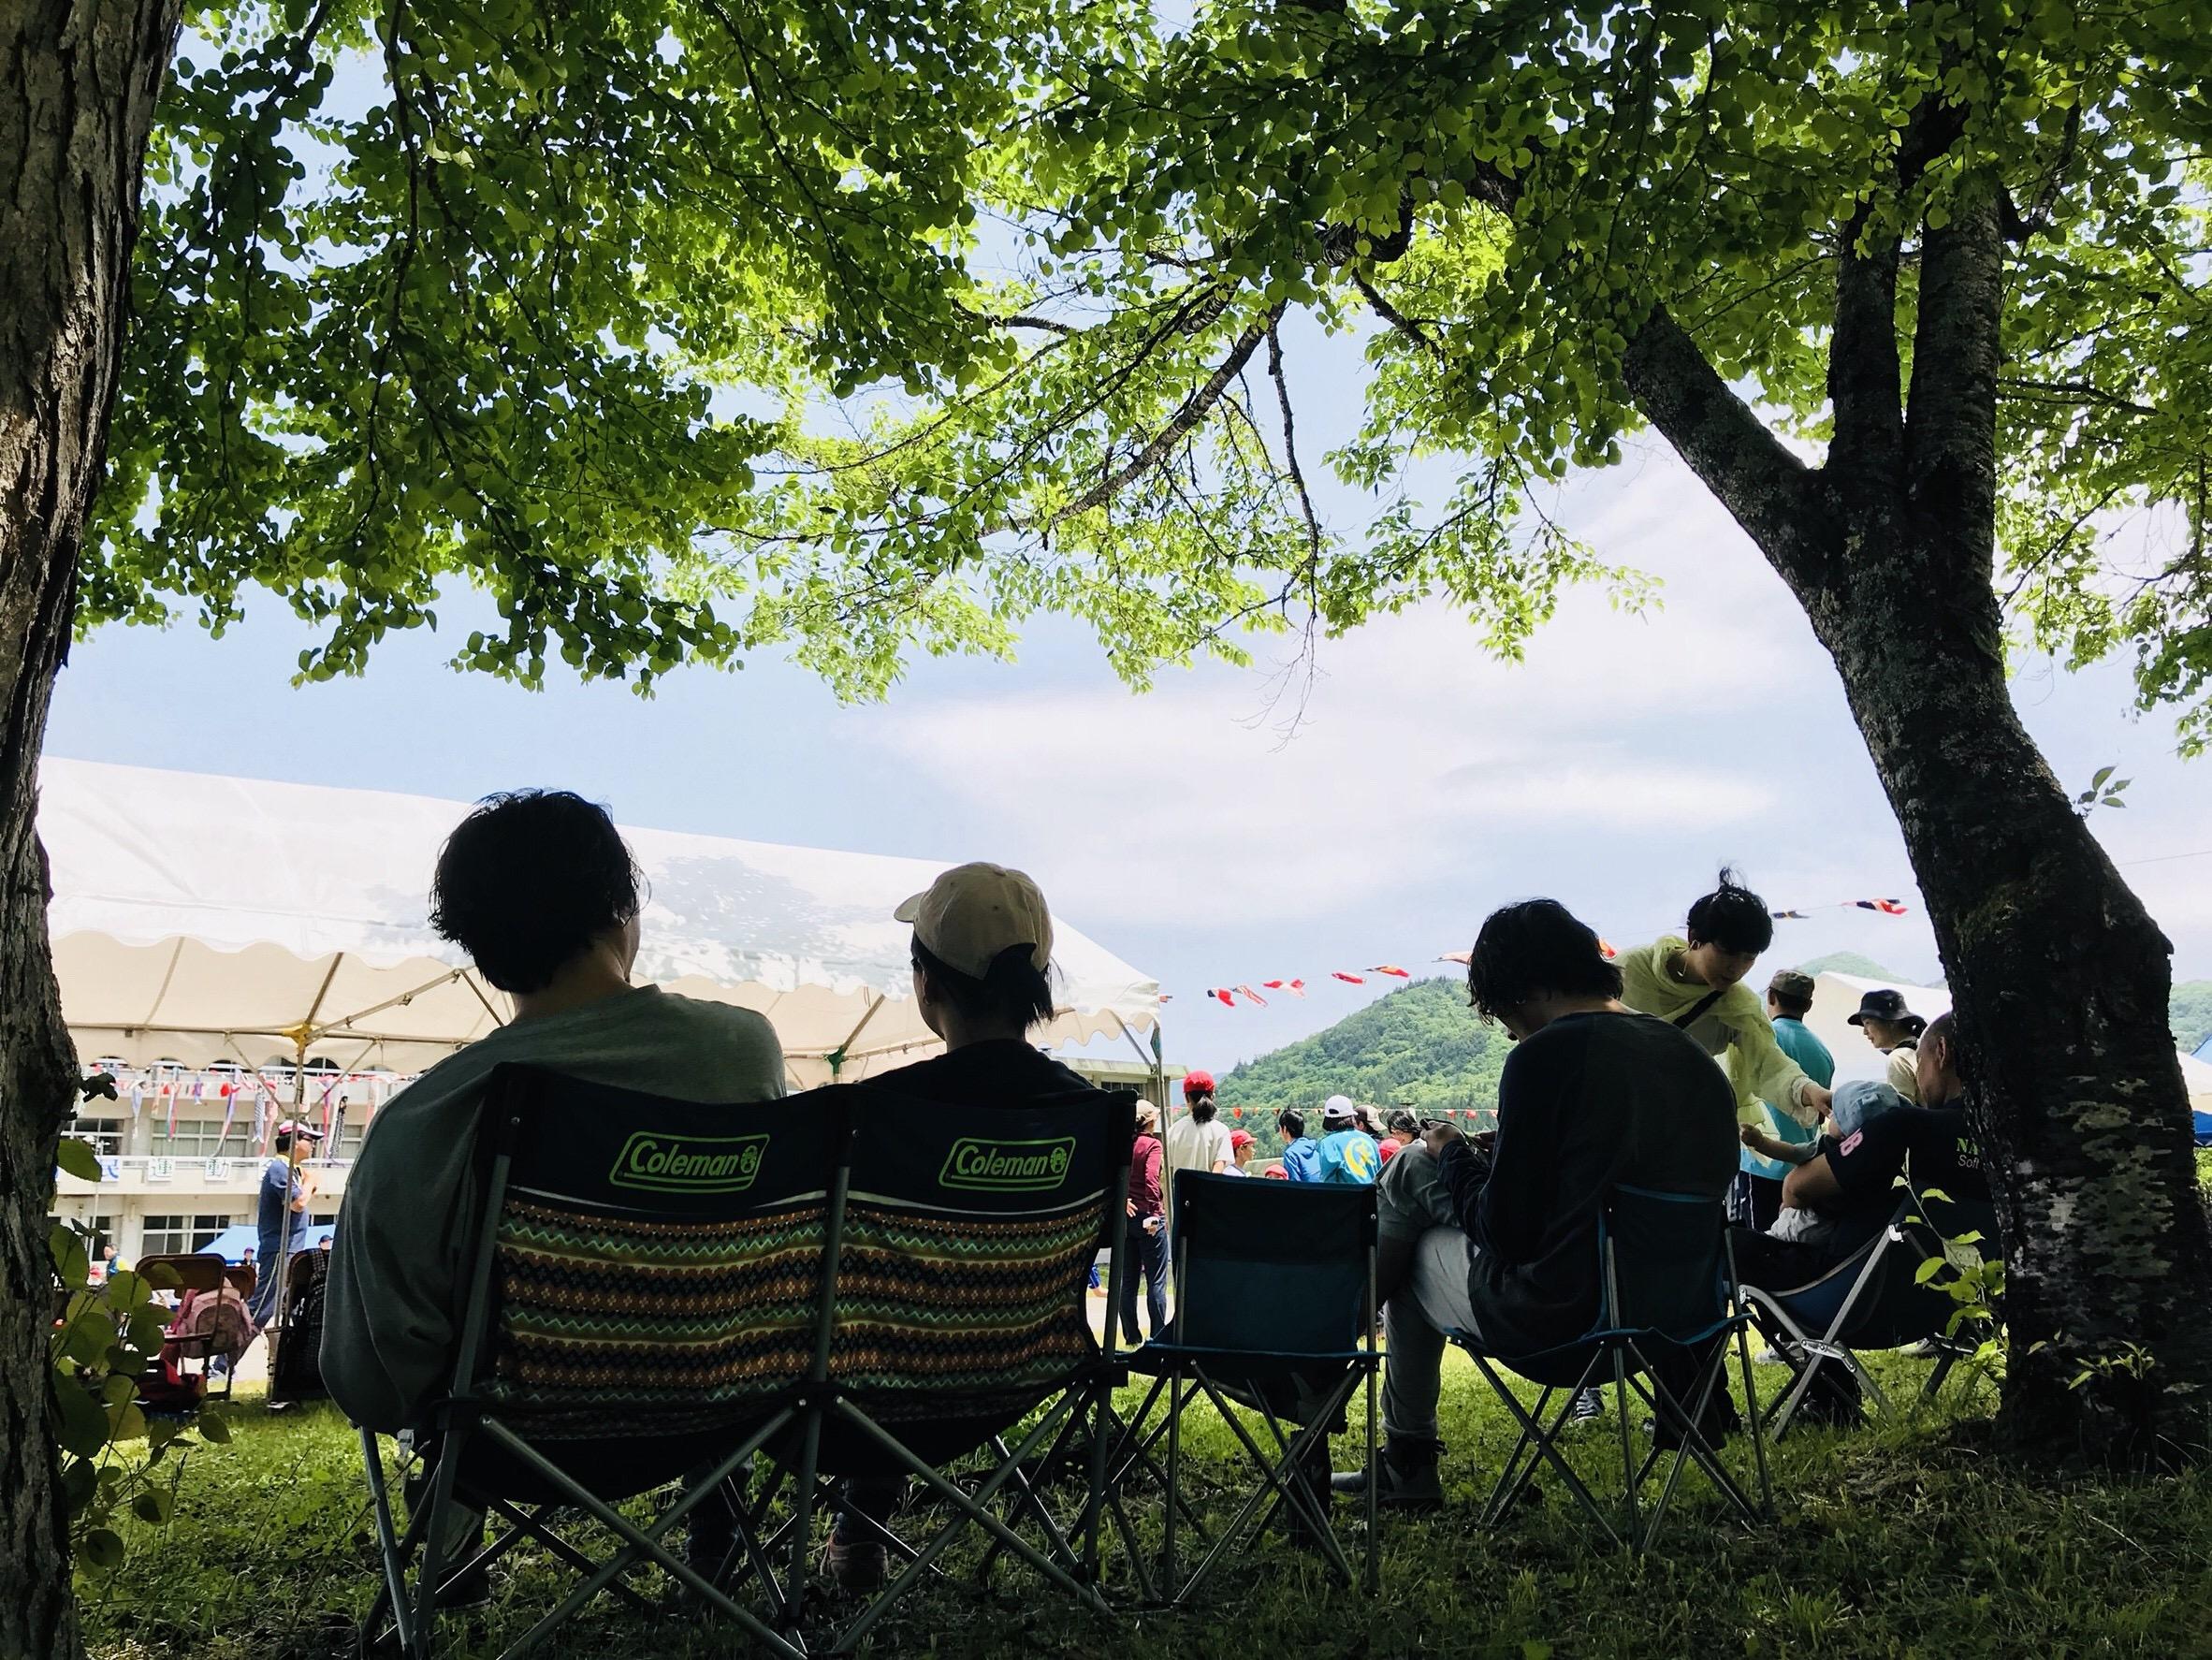 昭和村村民運動会